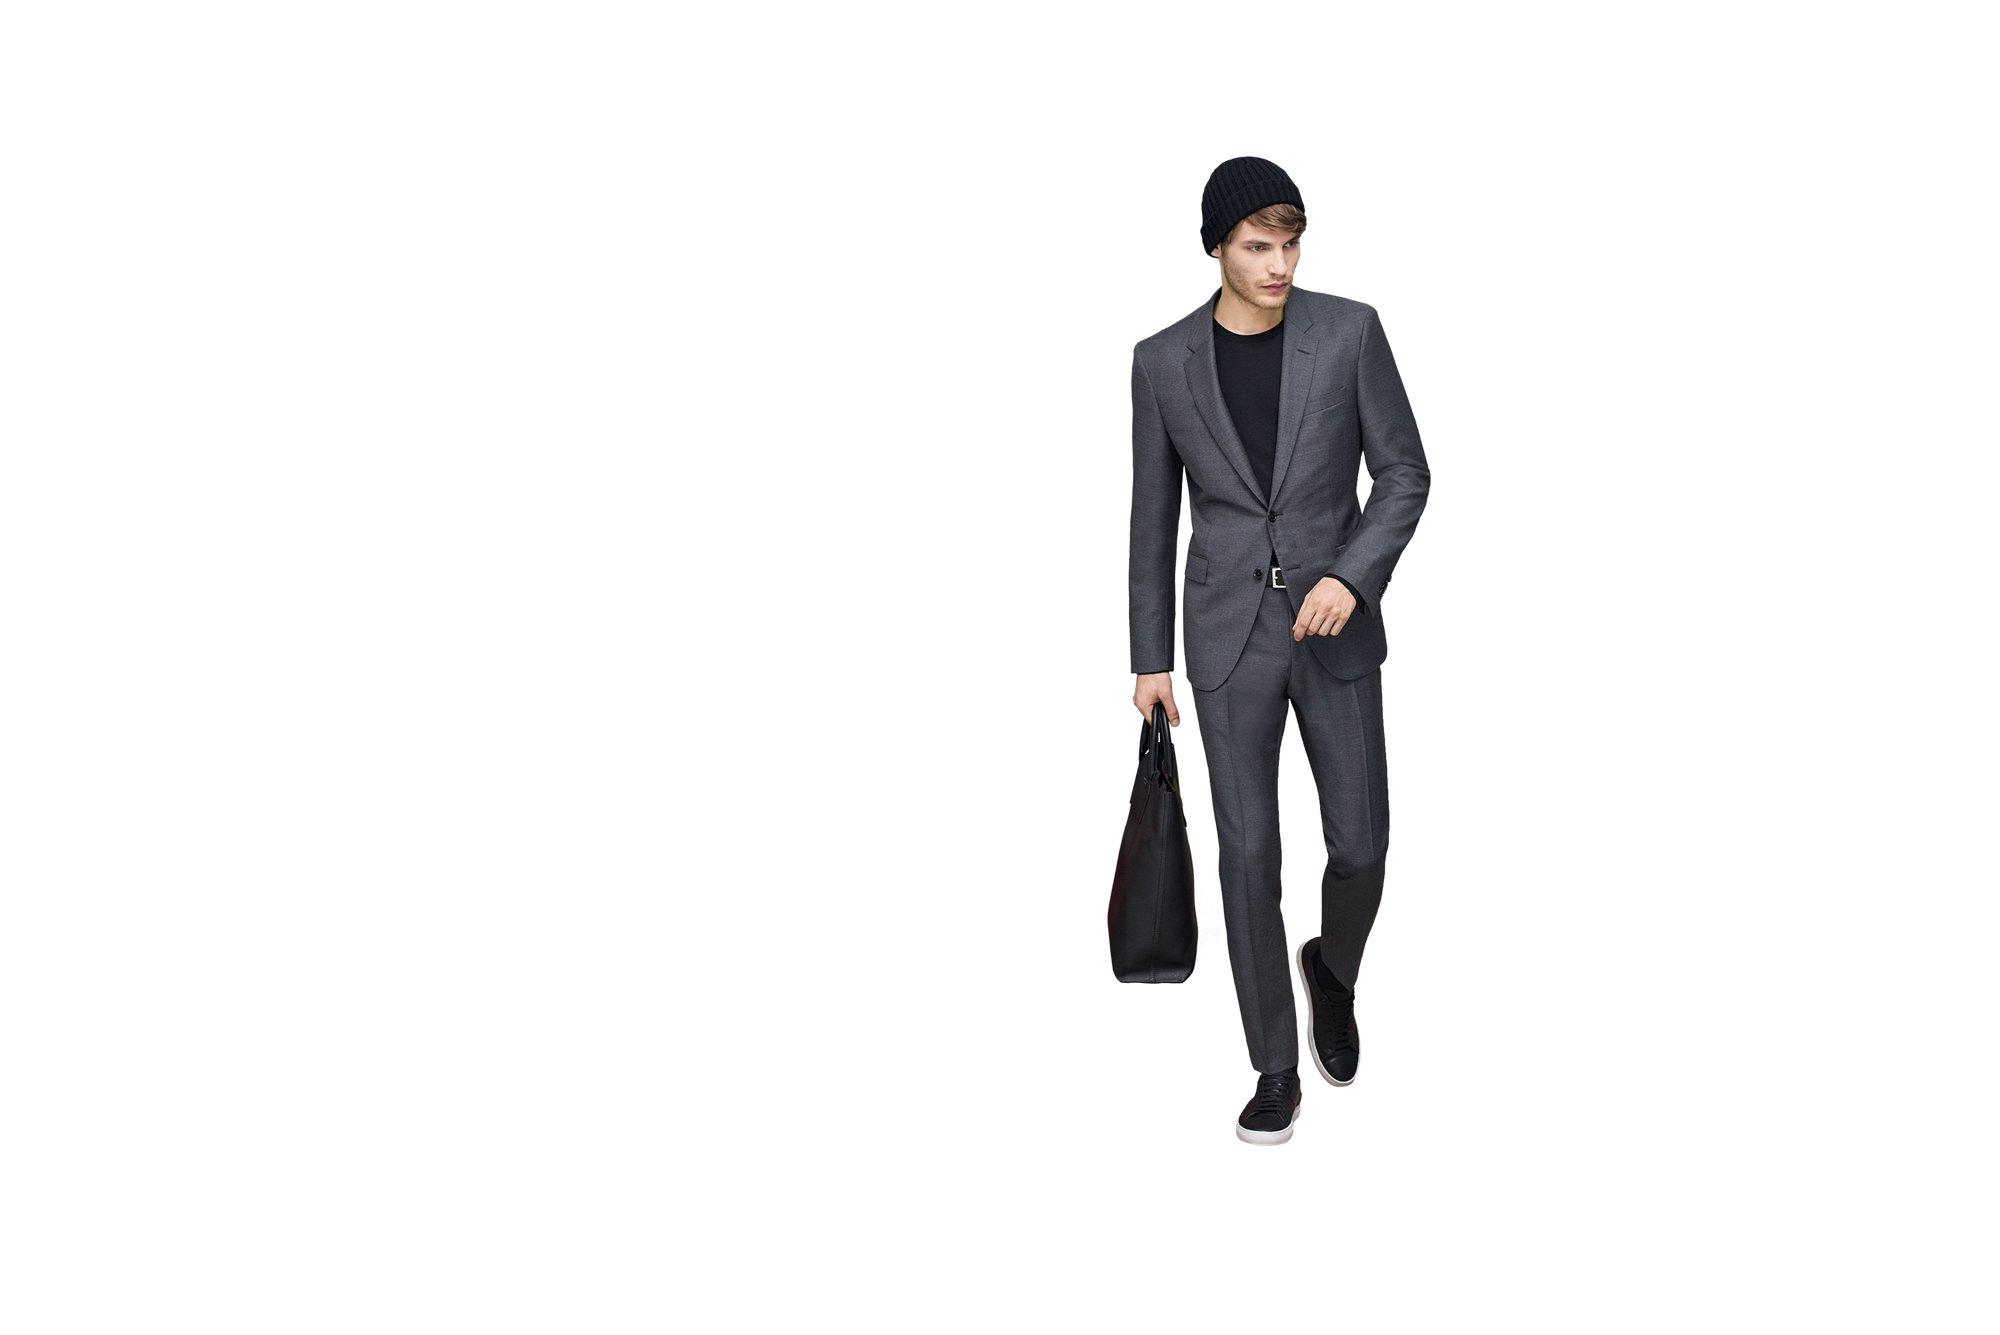 Grauer Anzug, schwarzes T-Shirt, Schuhe und Tasche von BOSS